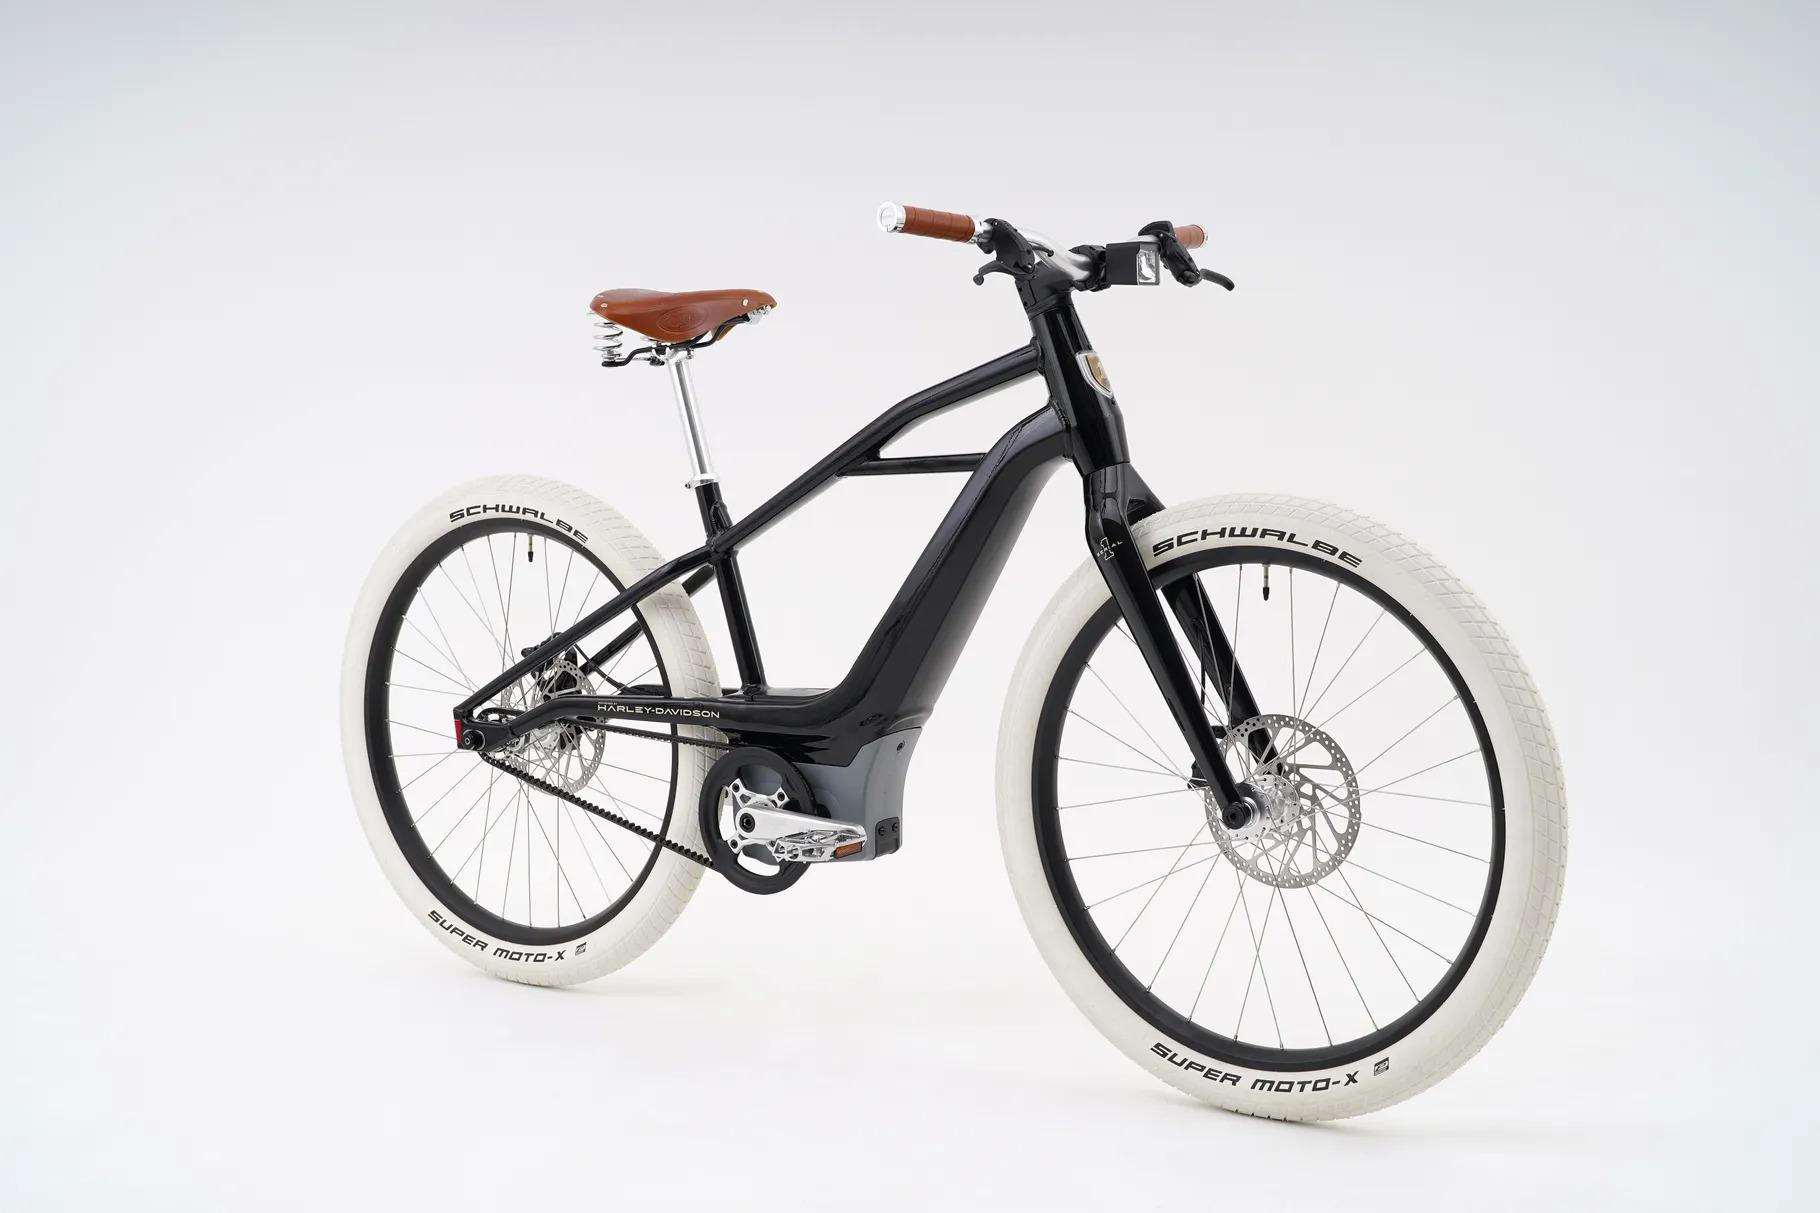 Xe đạp điện phong cách cổ điển của Harley-Davidson.